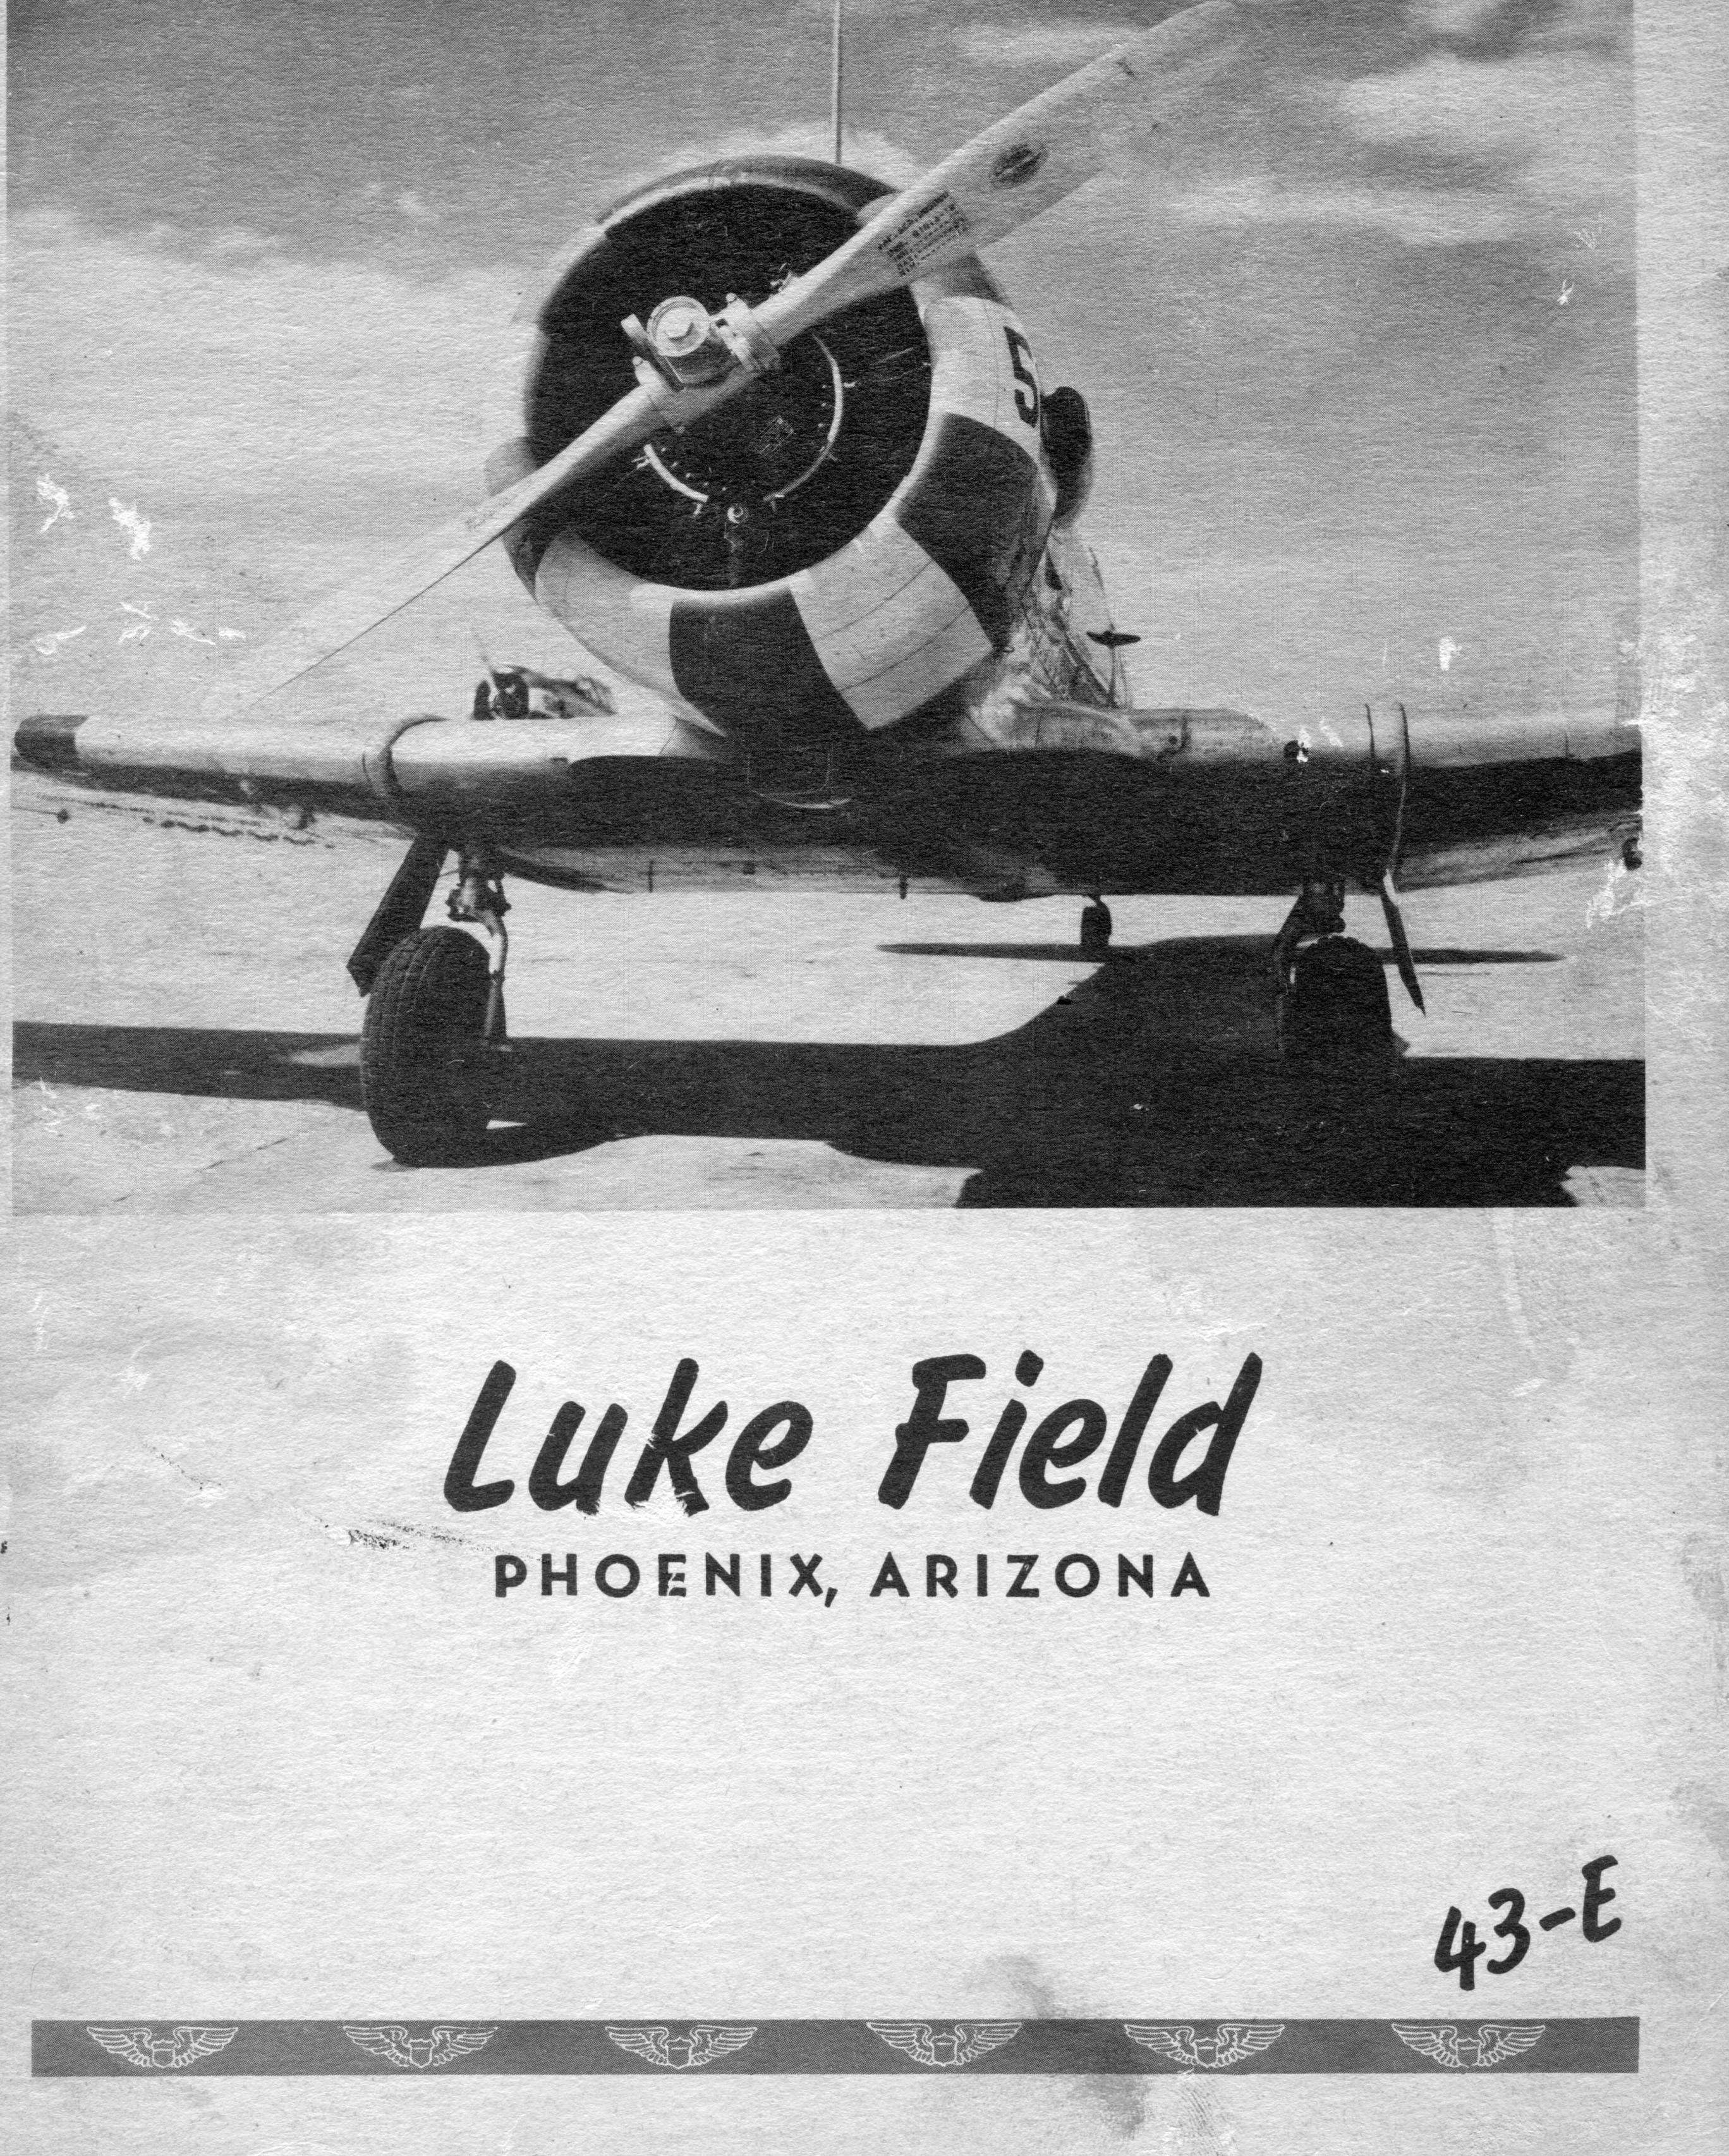 Luke Field